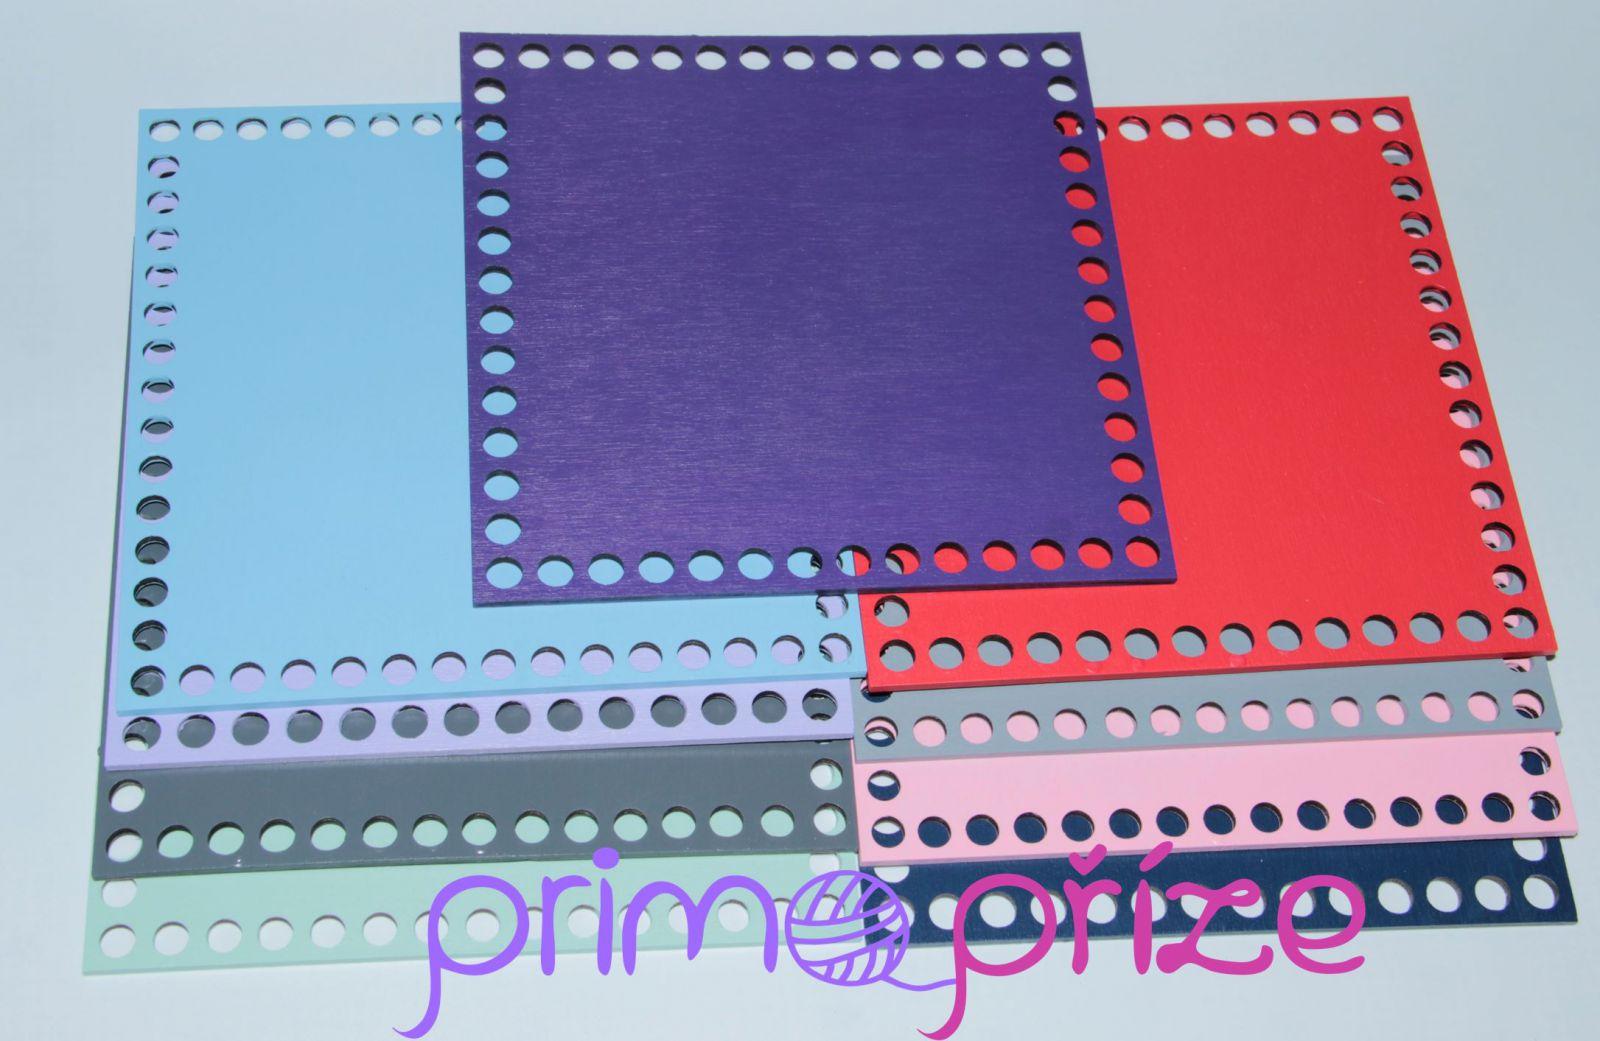 Dřevěné dno ke košíkům čtverec 20x20 tmavě fialová